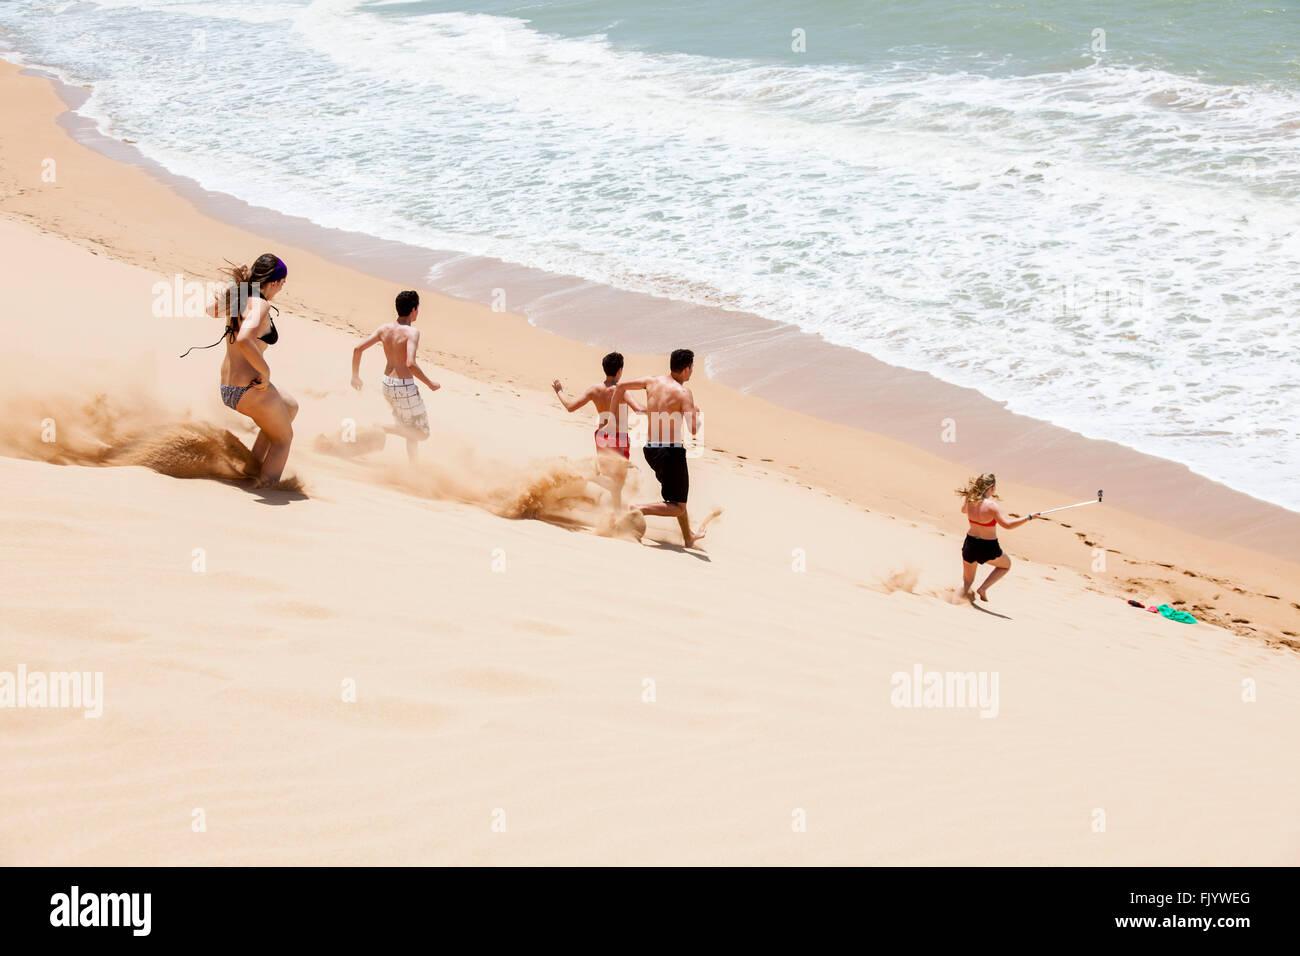 Dune runners - Stock Image